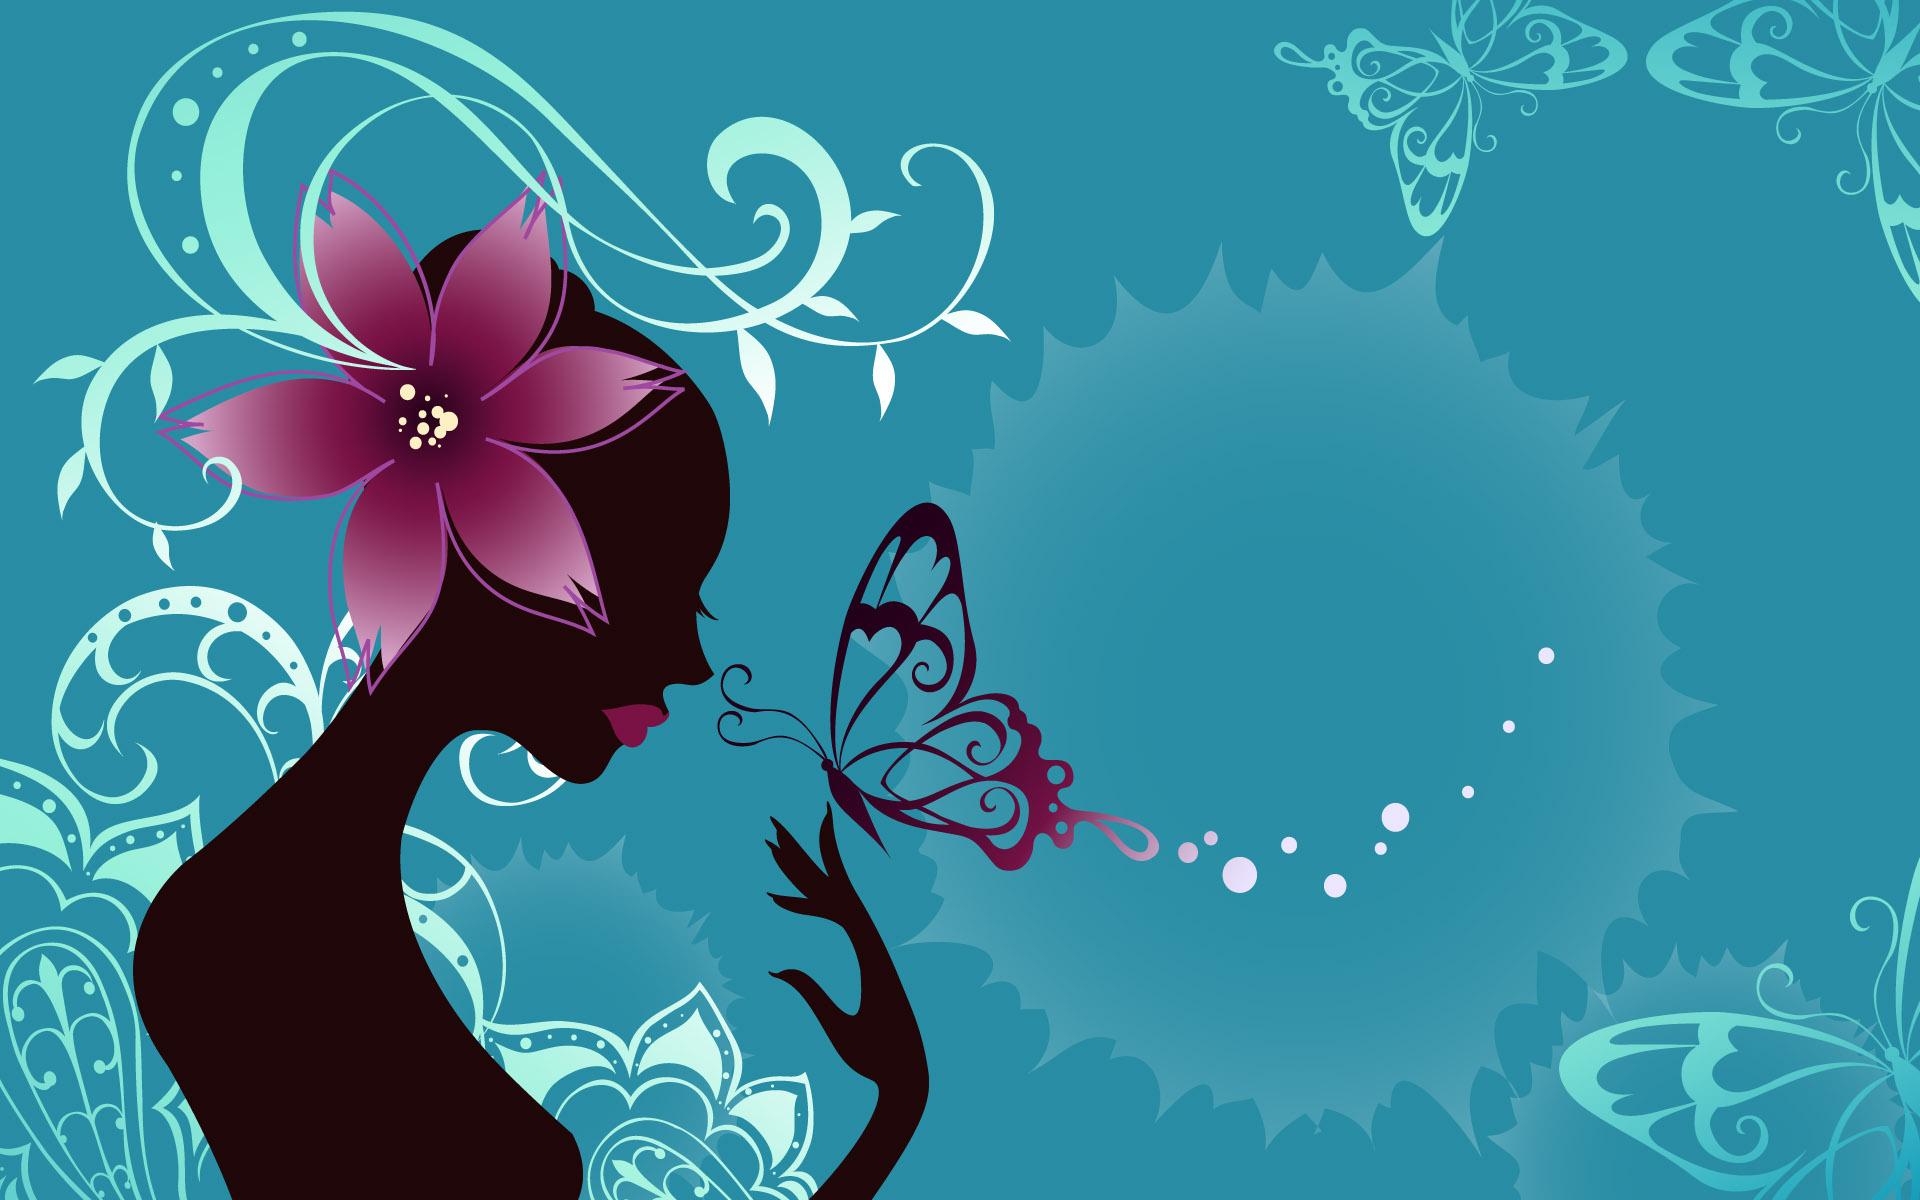 butterfly-hd-wallpaper ...